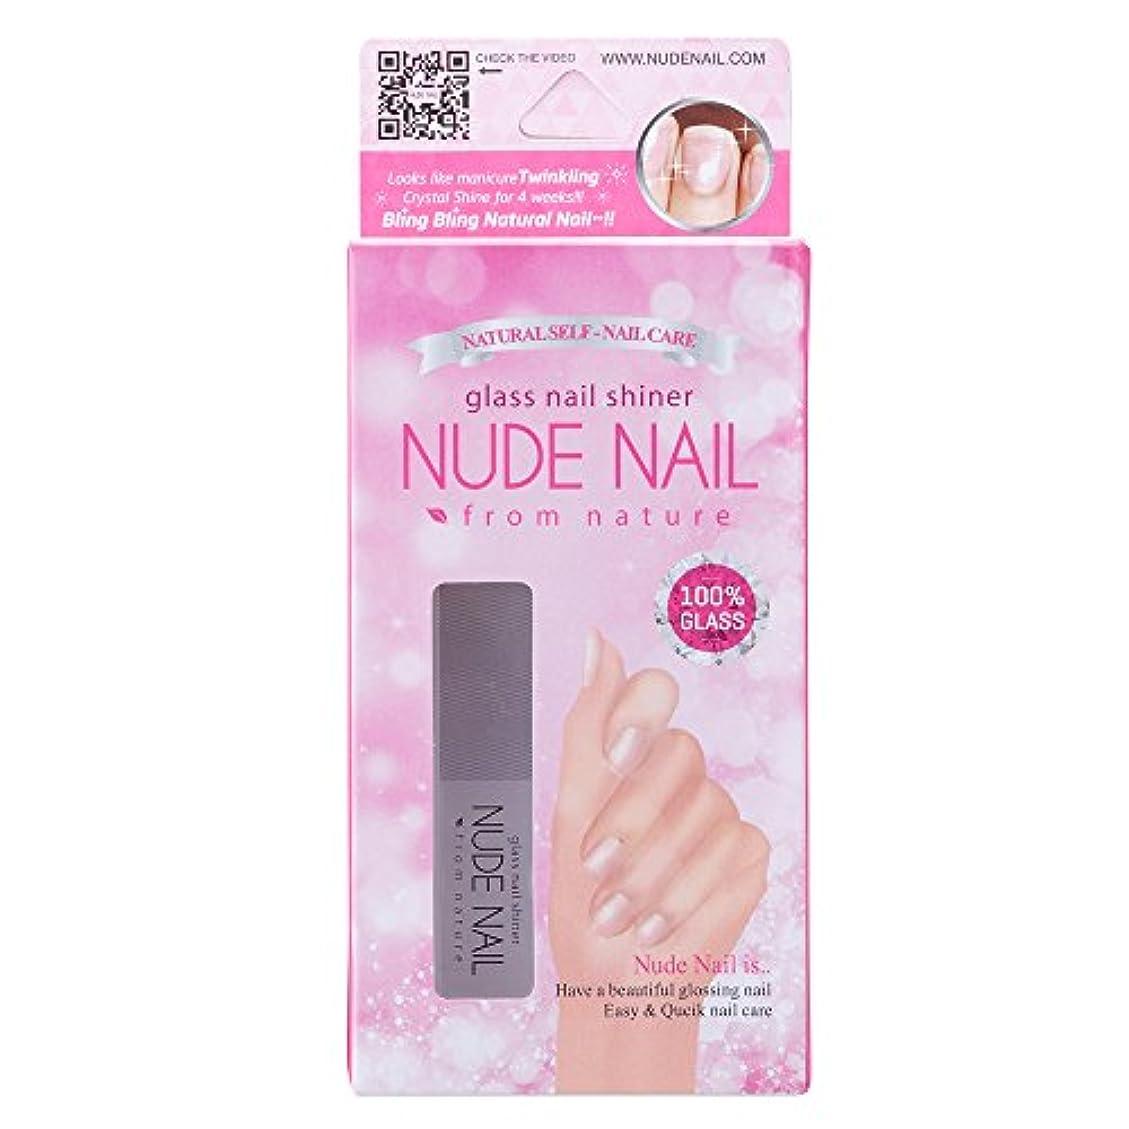 専門ご予約スタイルヌードネイル グラス ネイル シャイナー ガラス製爪ヤスリ NUDE NAIL glass nail shiner